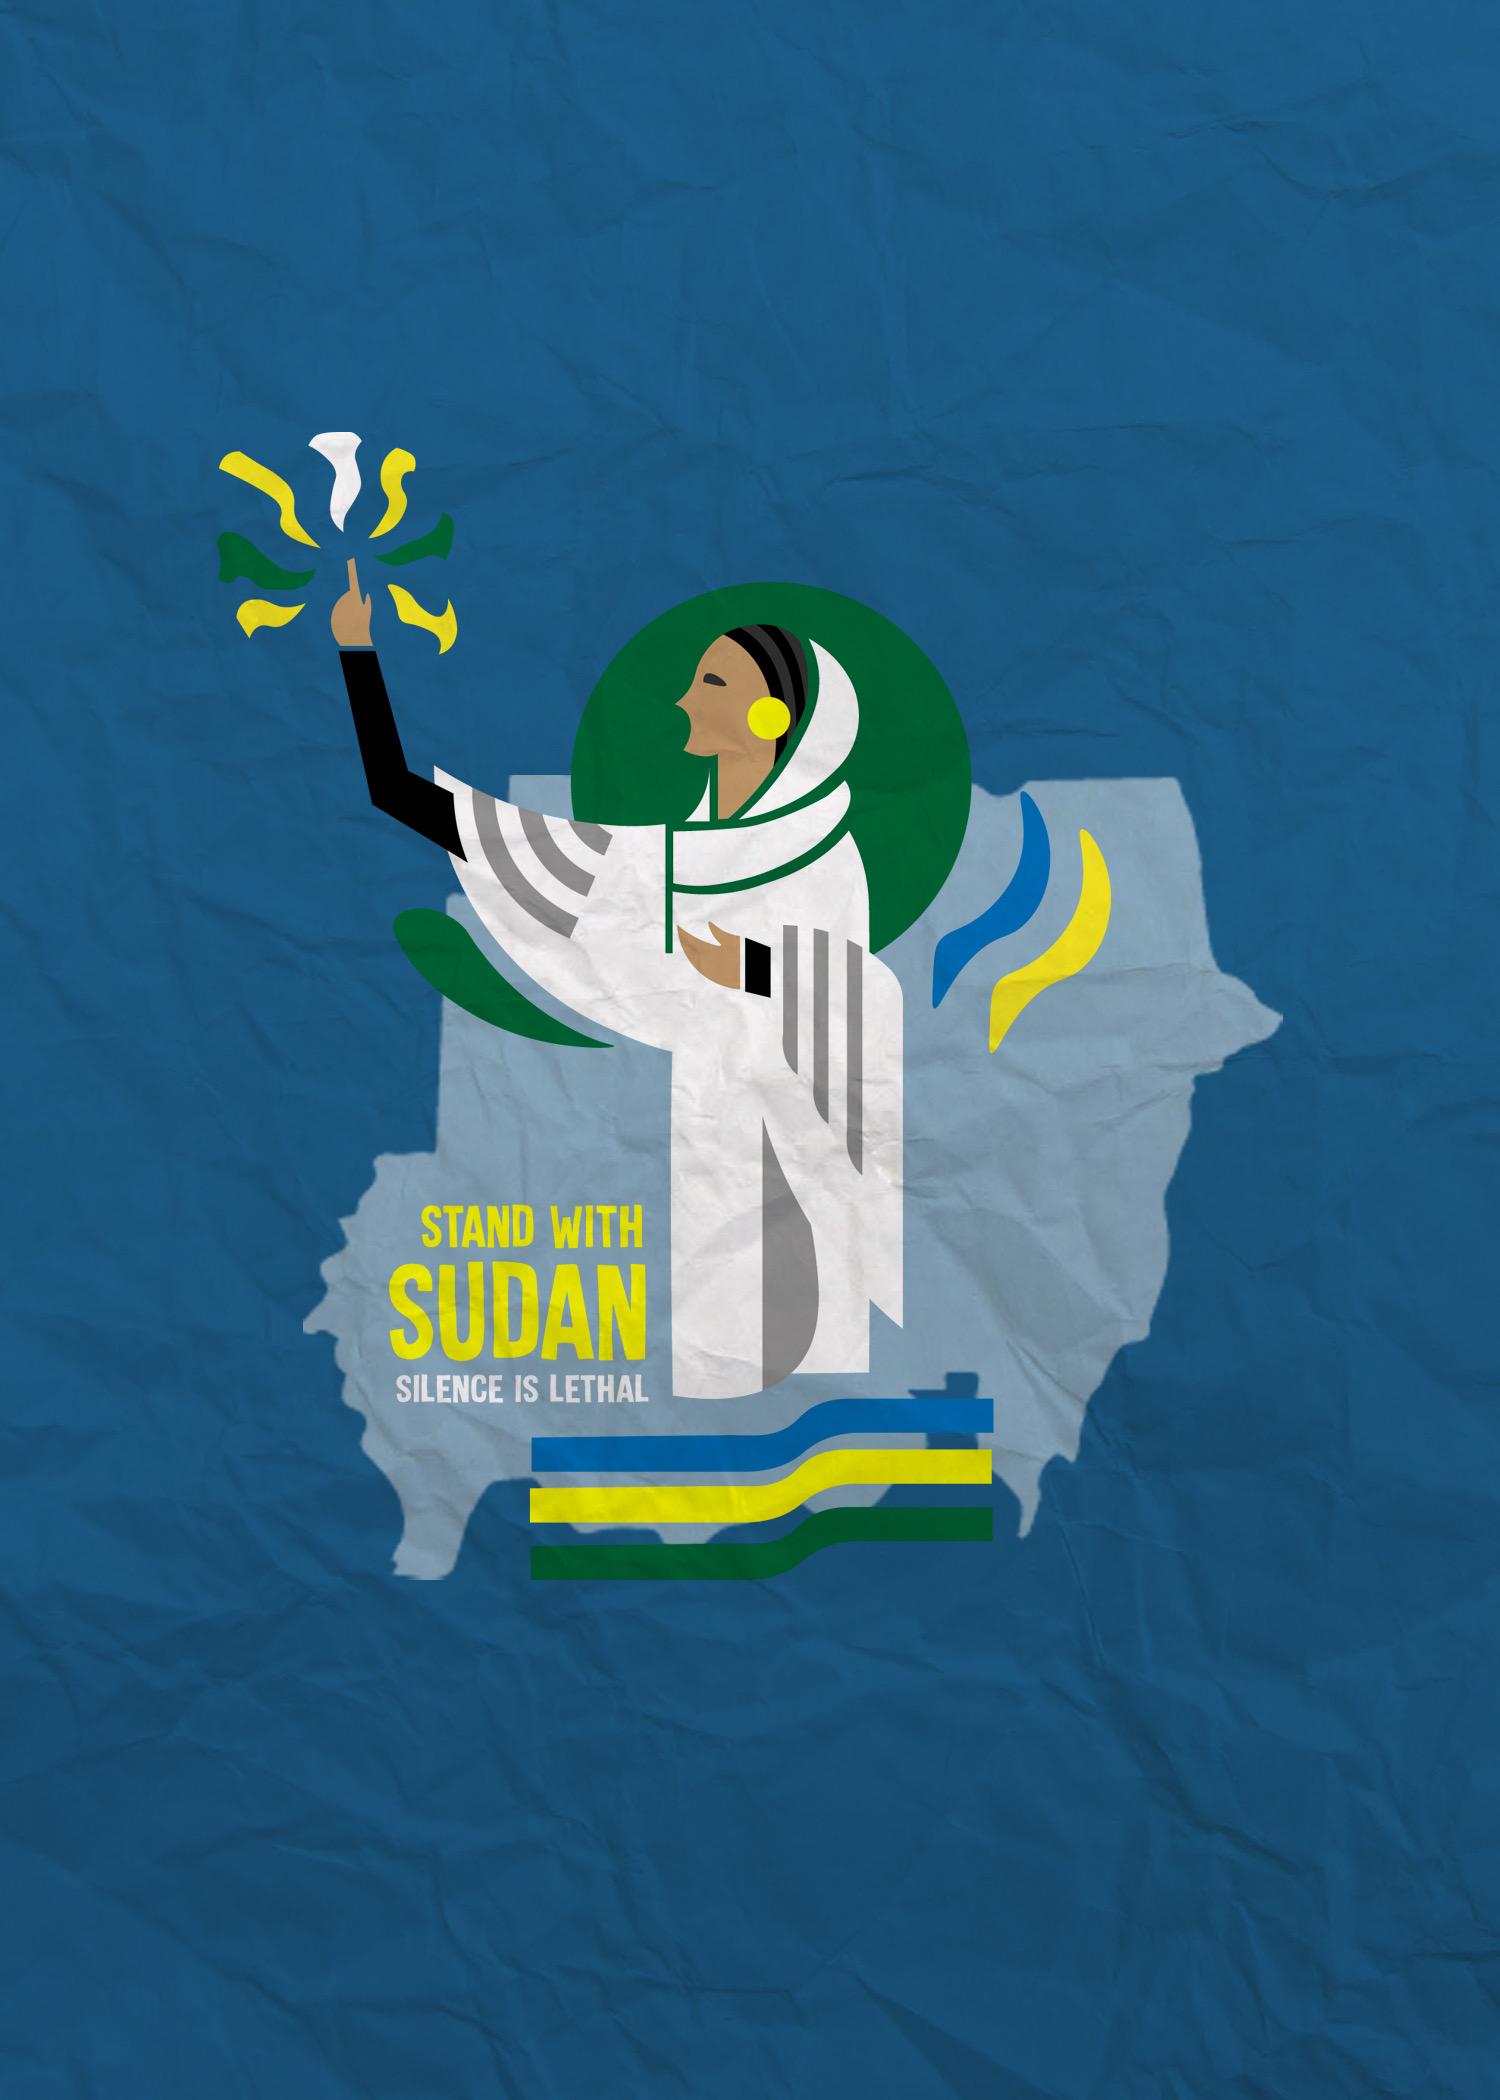 12 Sudan.jpeg